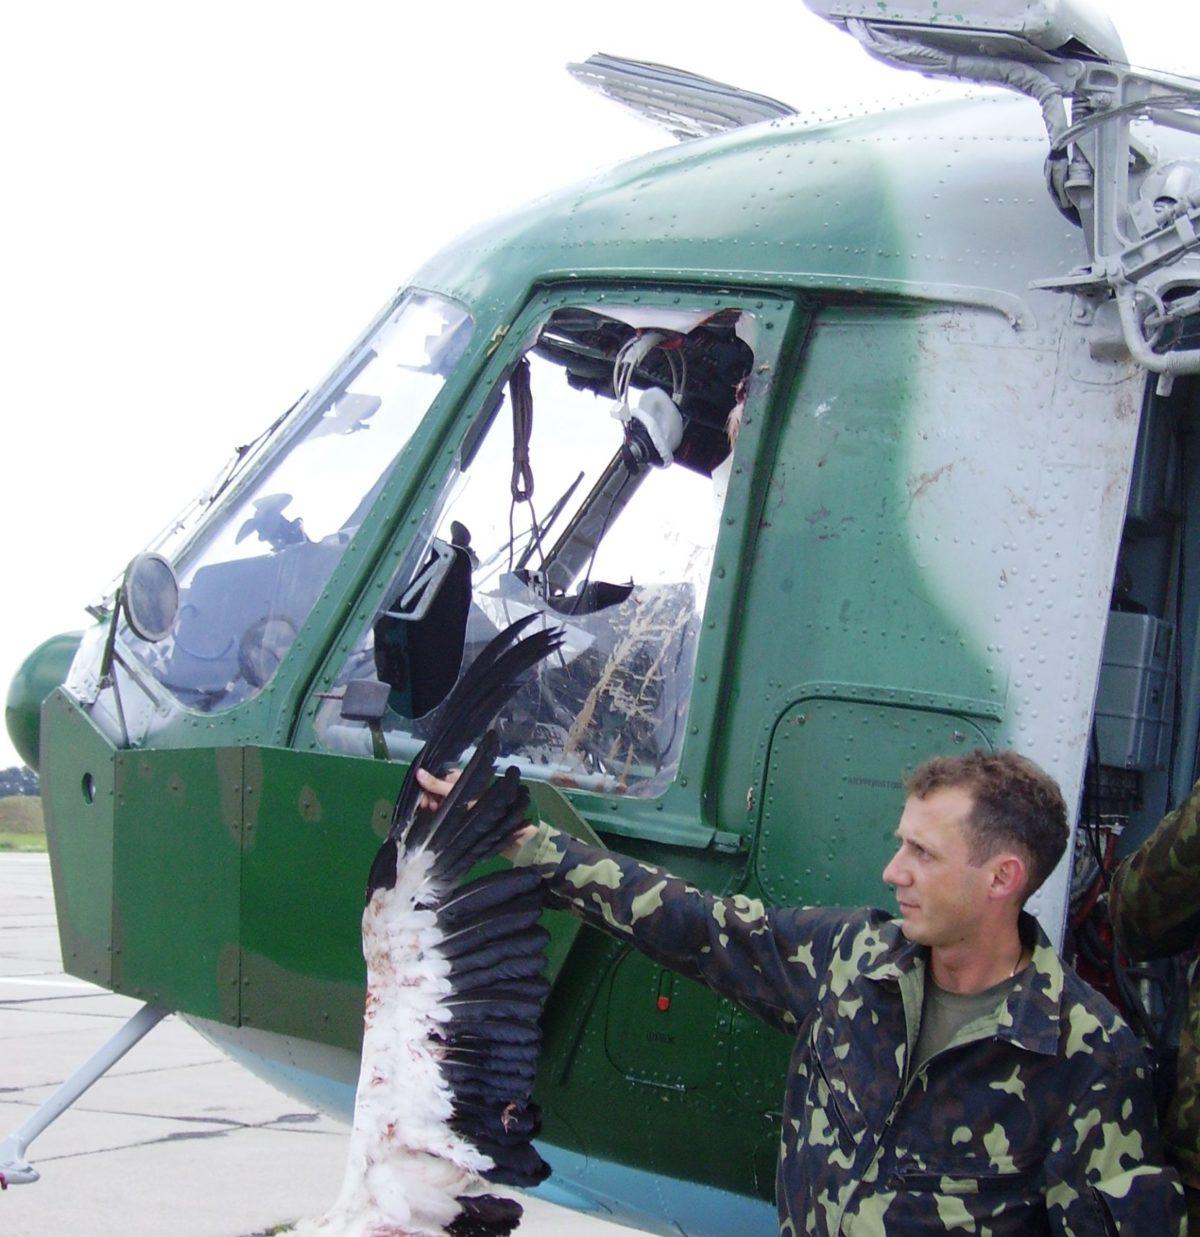 Долар, вкладений у метеослужбу, економить військовій авіації мінімум вісім доларів